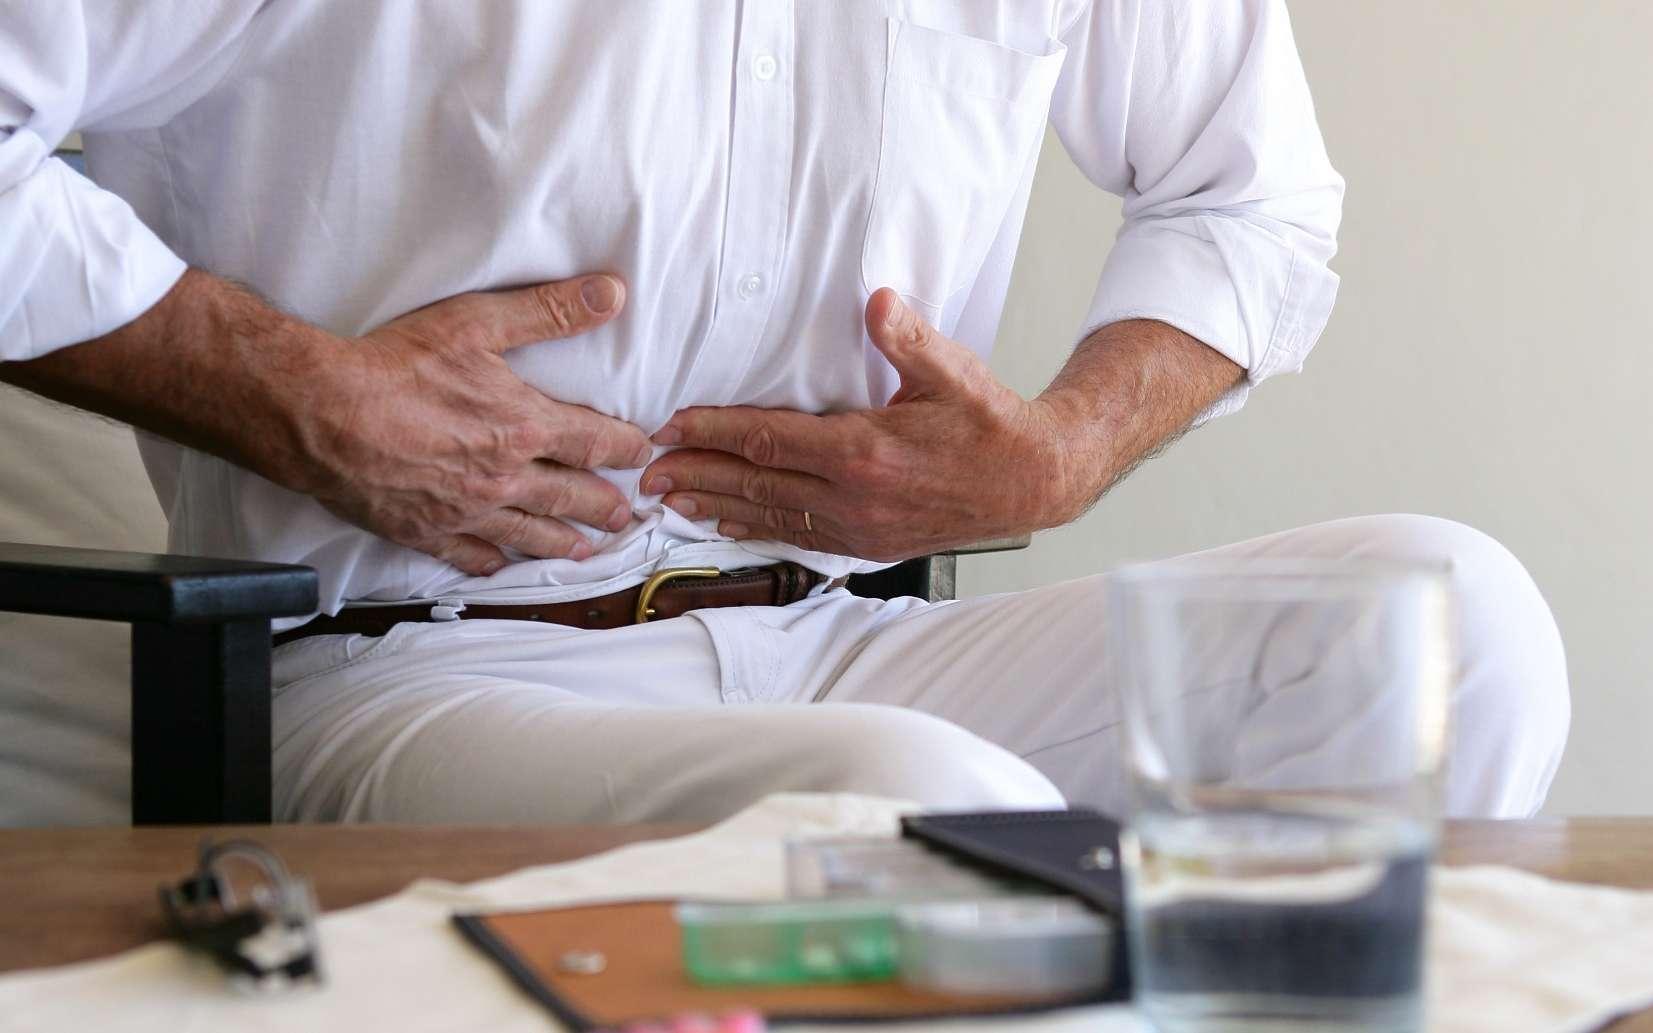 les antidiarrhéiques ont pour objectif de réduire le risque de déshydratation. © Phovoir